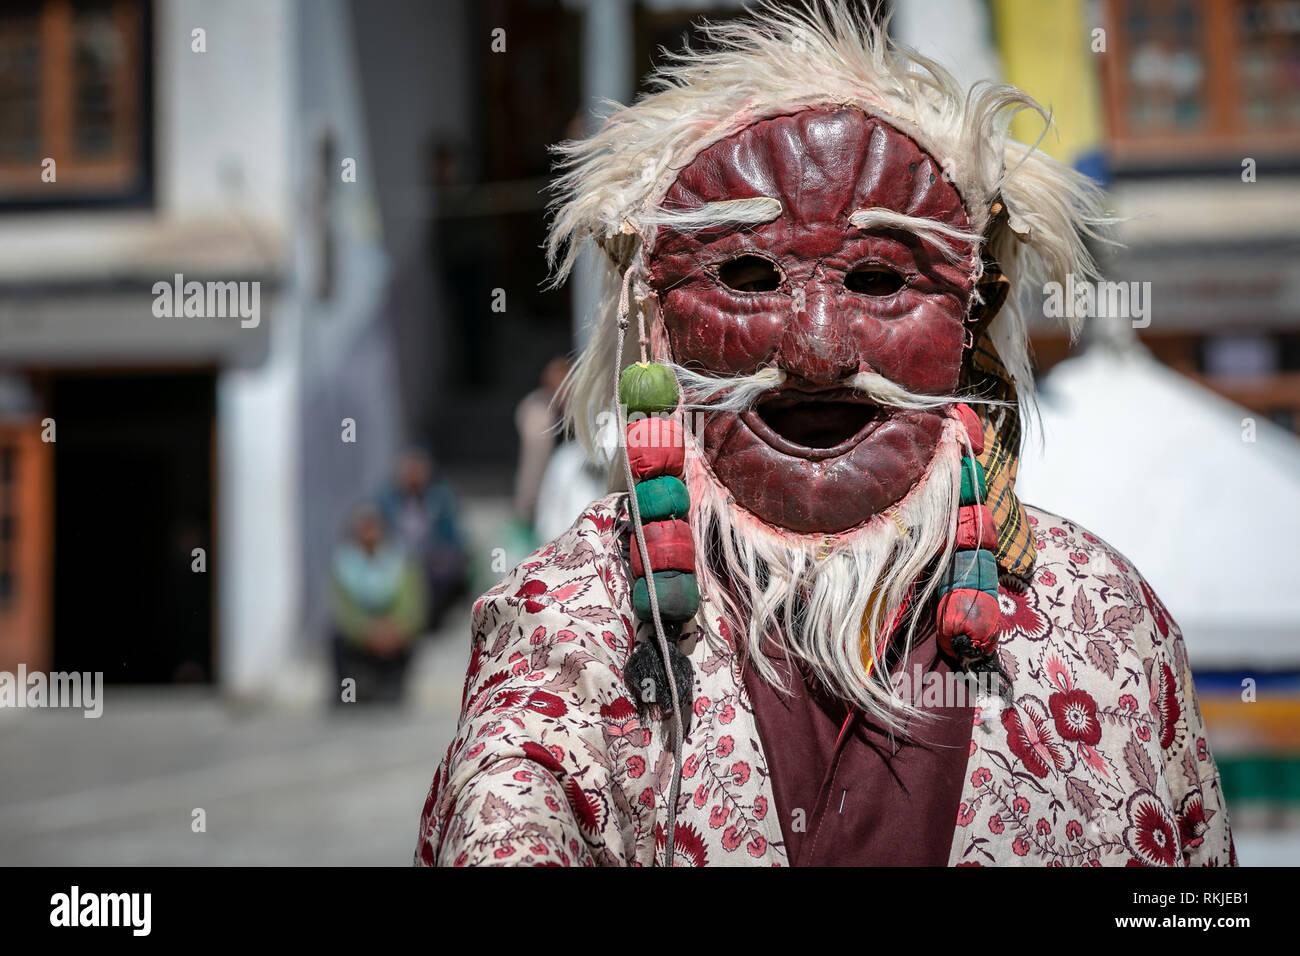 Cham danse exécutée par des moines au Ladakh Jo Khang, Temple Leh, Ladakh, Cachemire, Inde Photo Stock